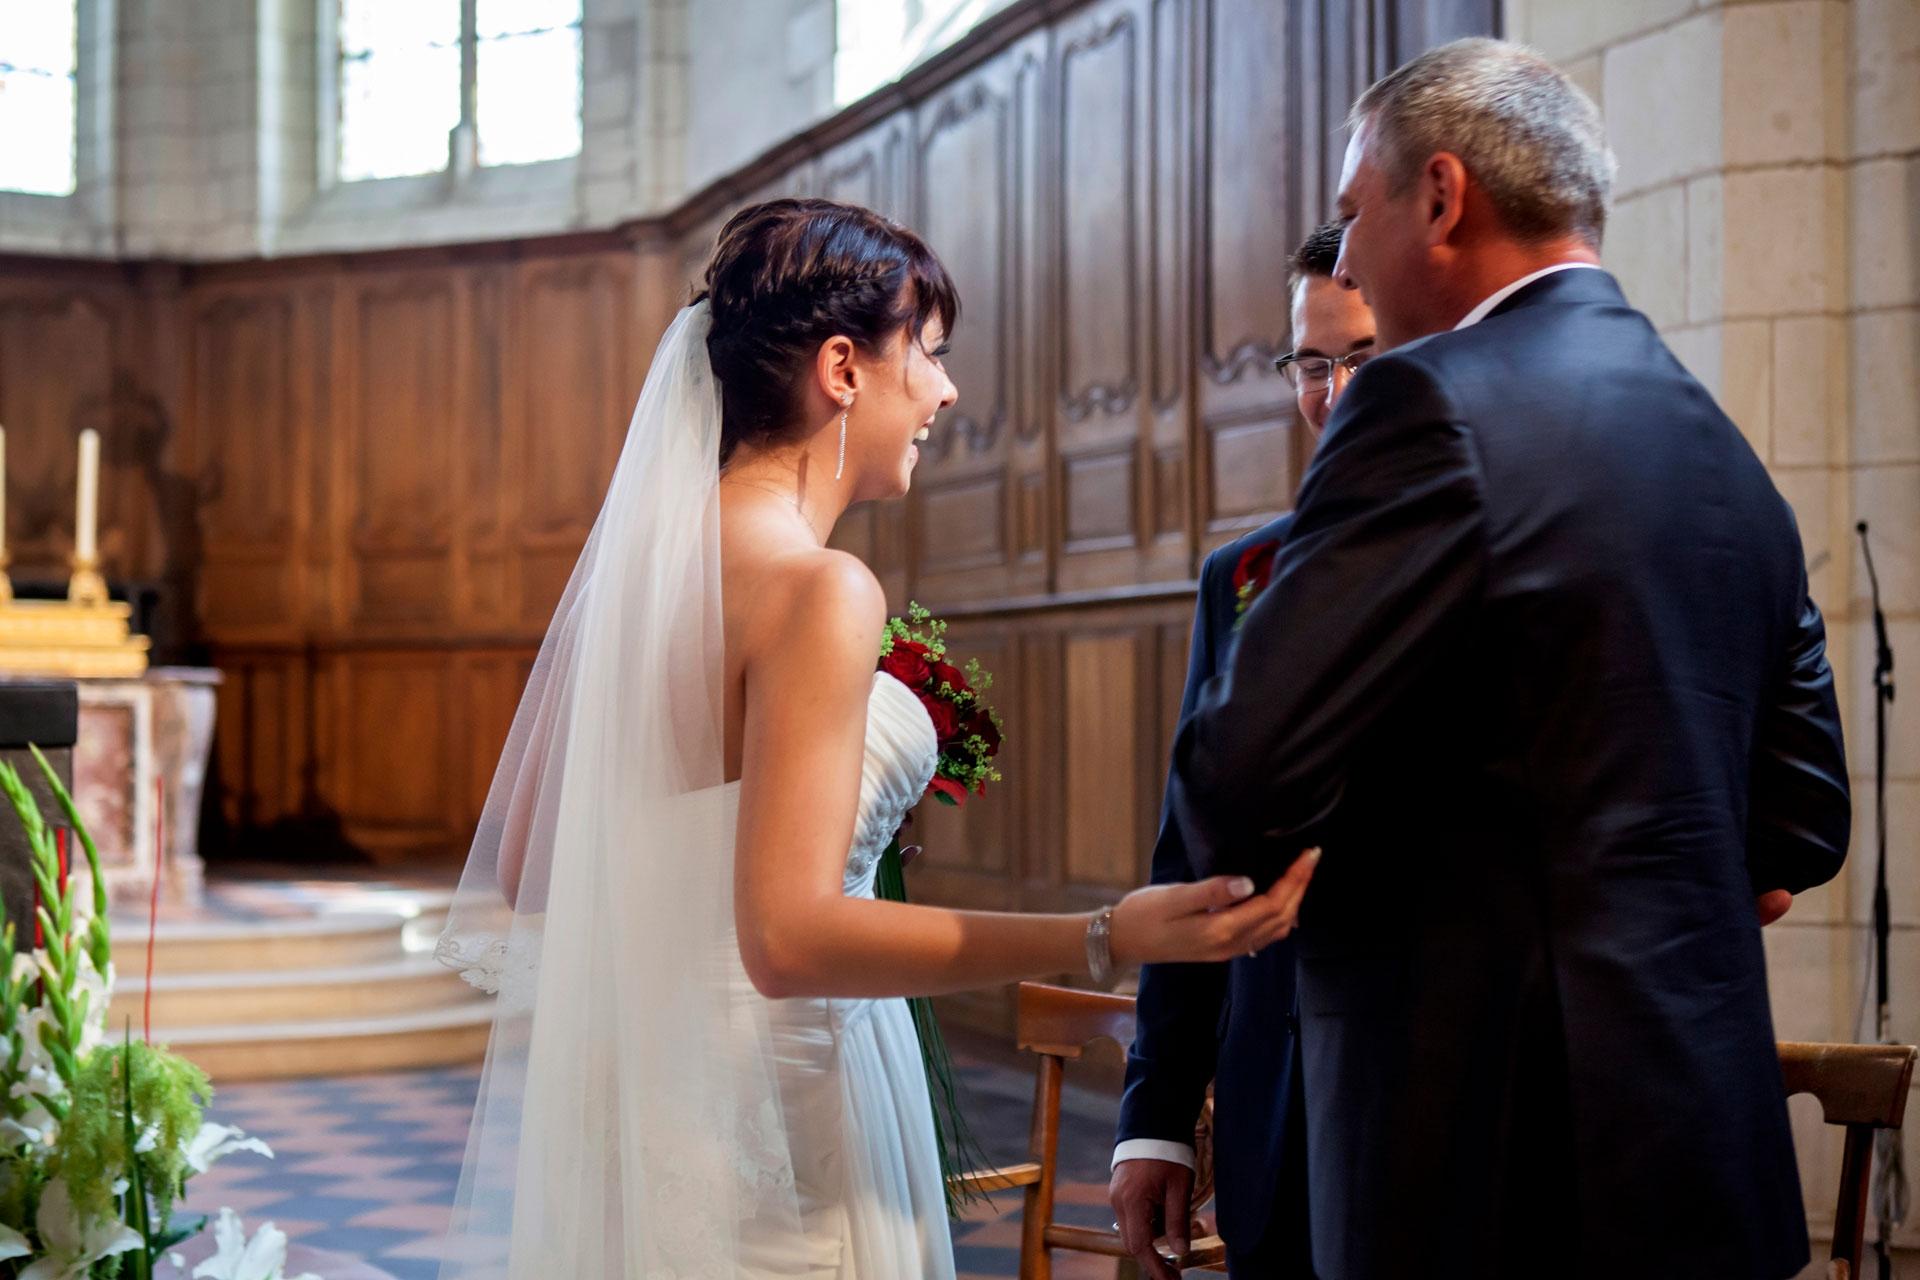 mariage-aurelie-geoffrey-07